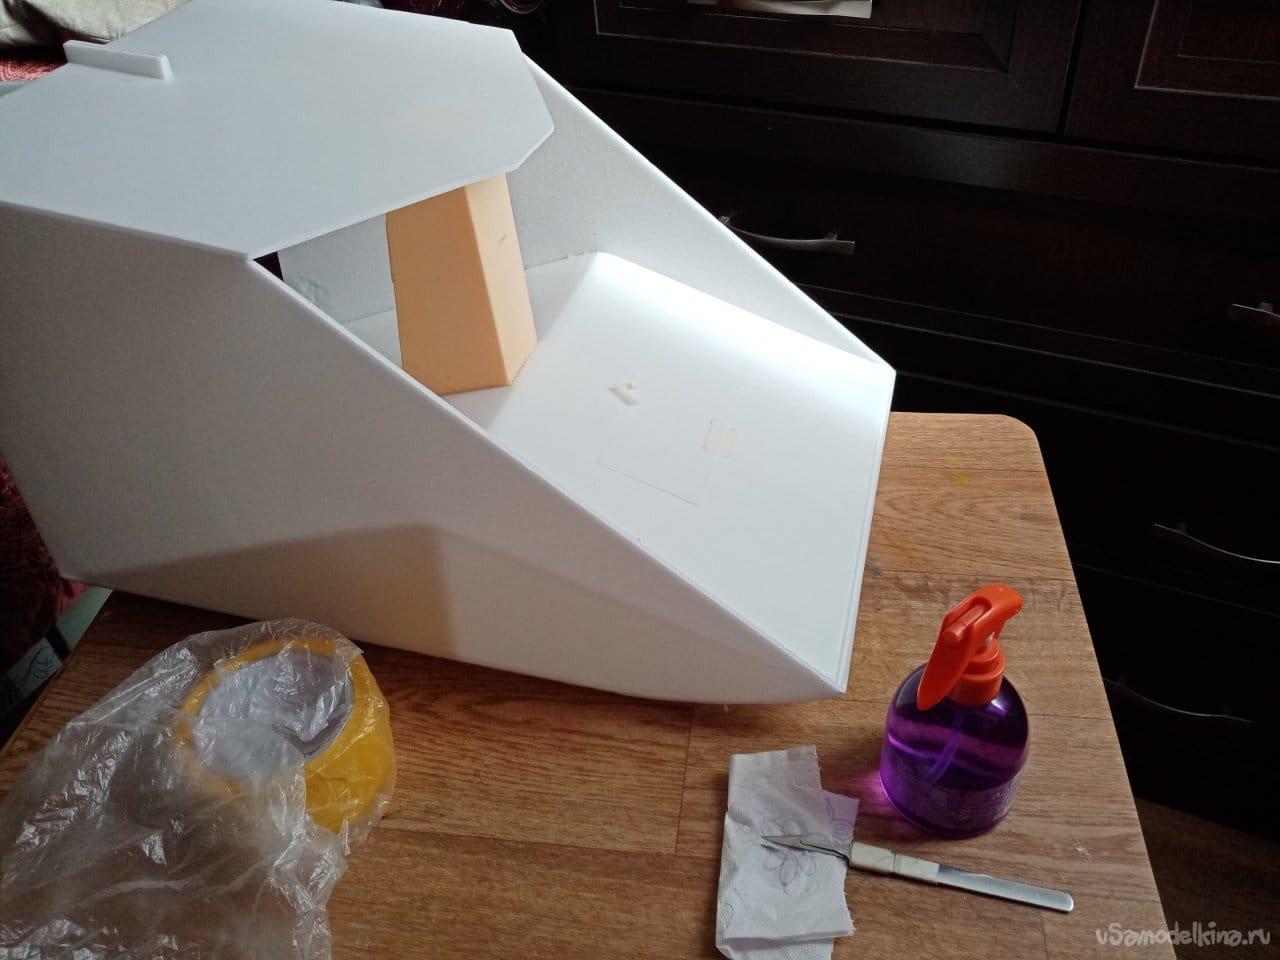 Проект аэросаней, типа аэроглиссера